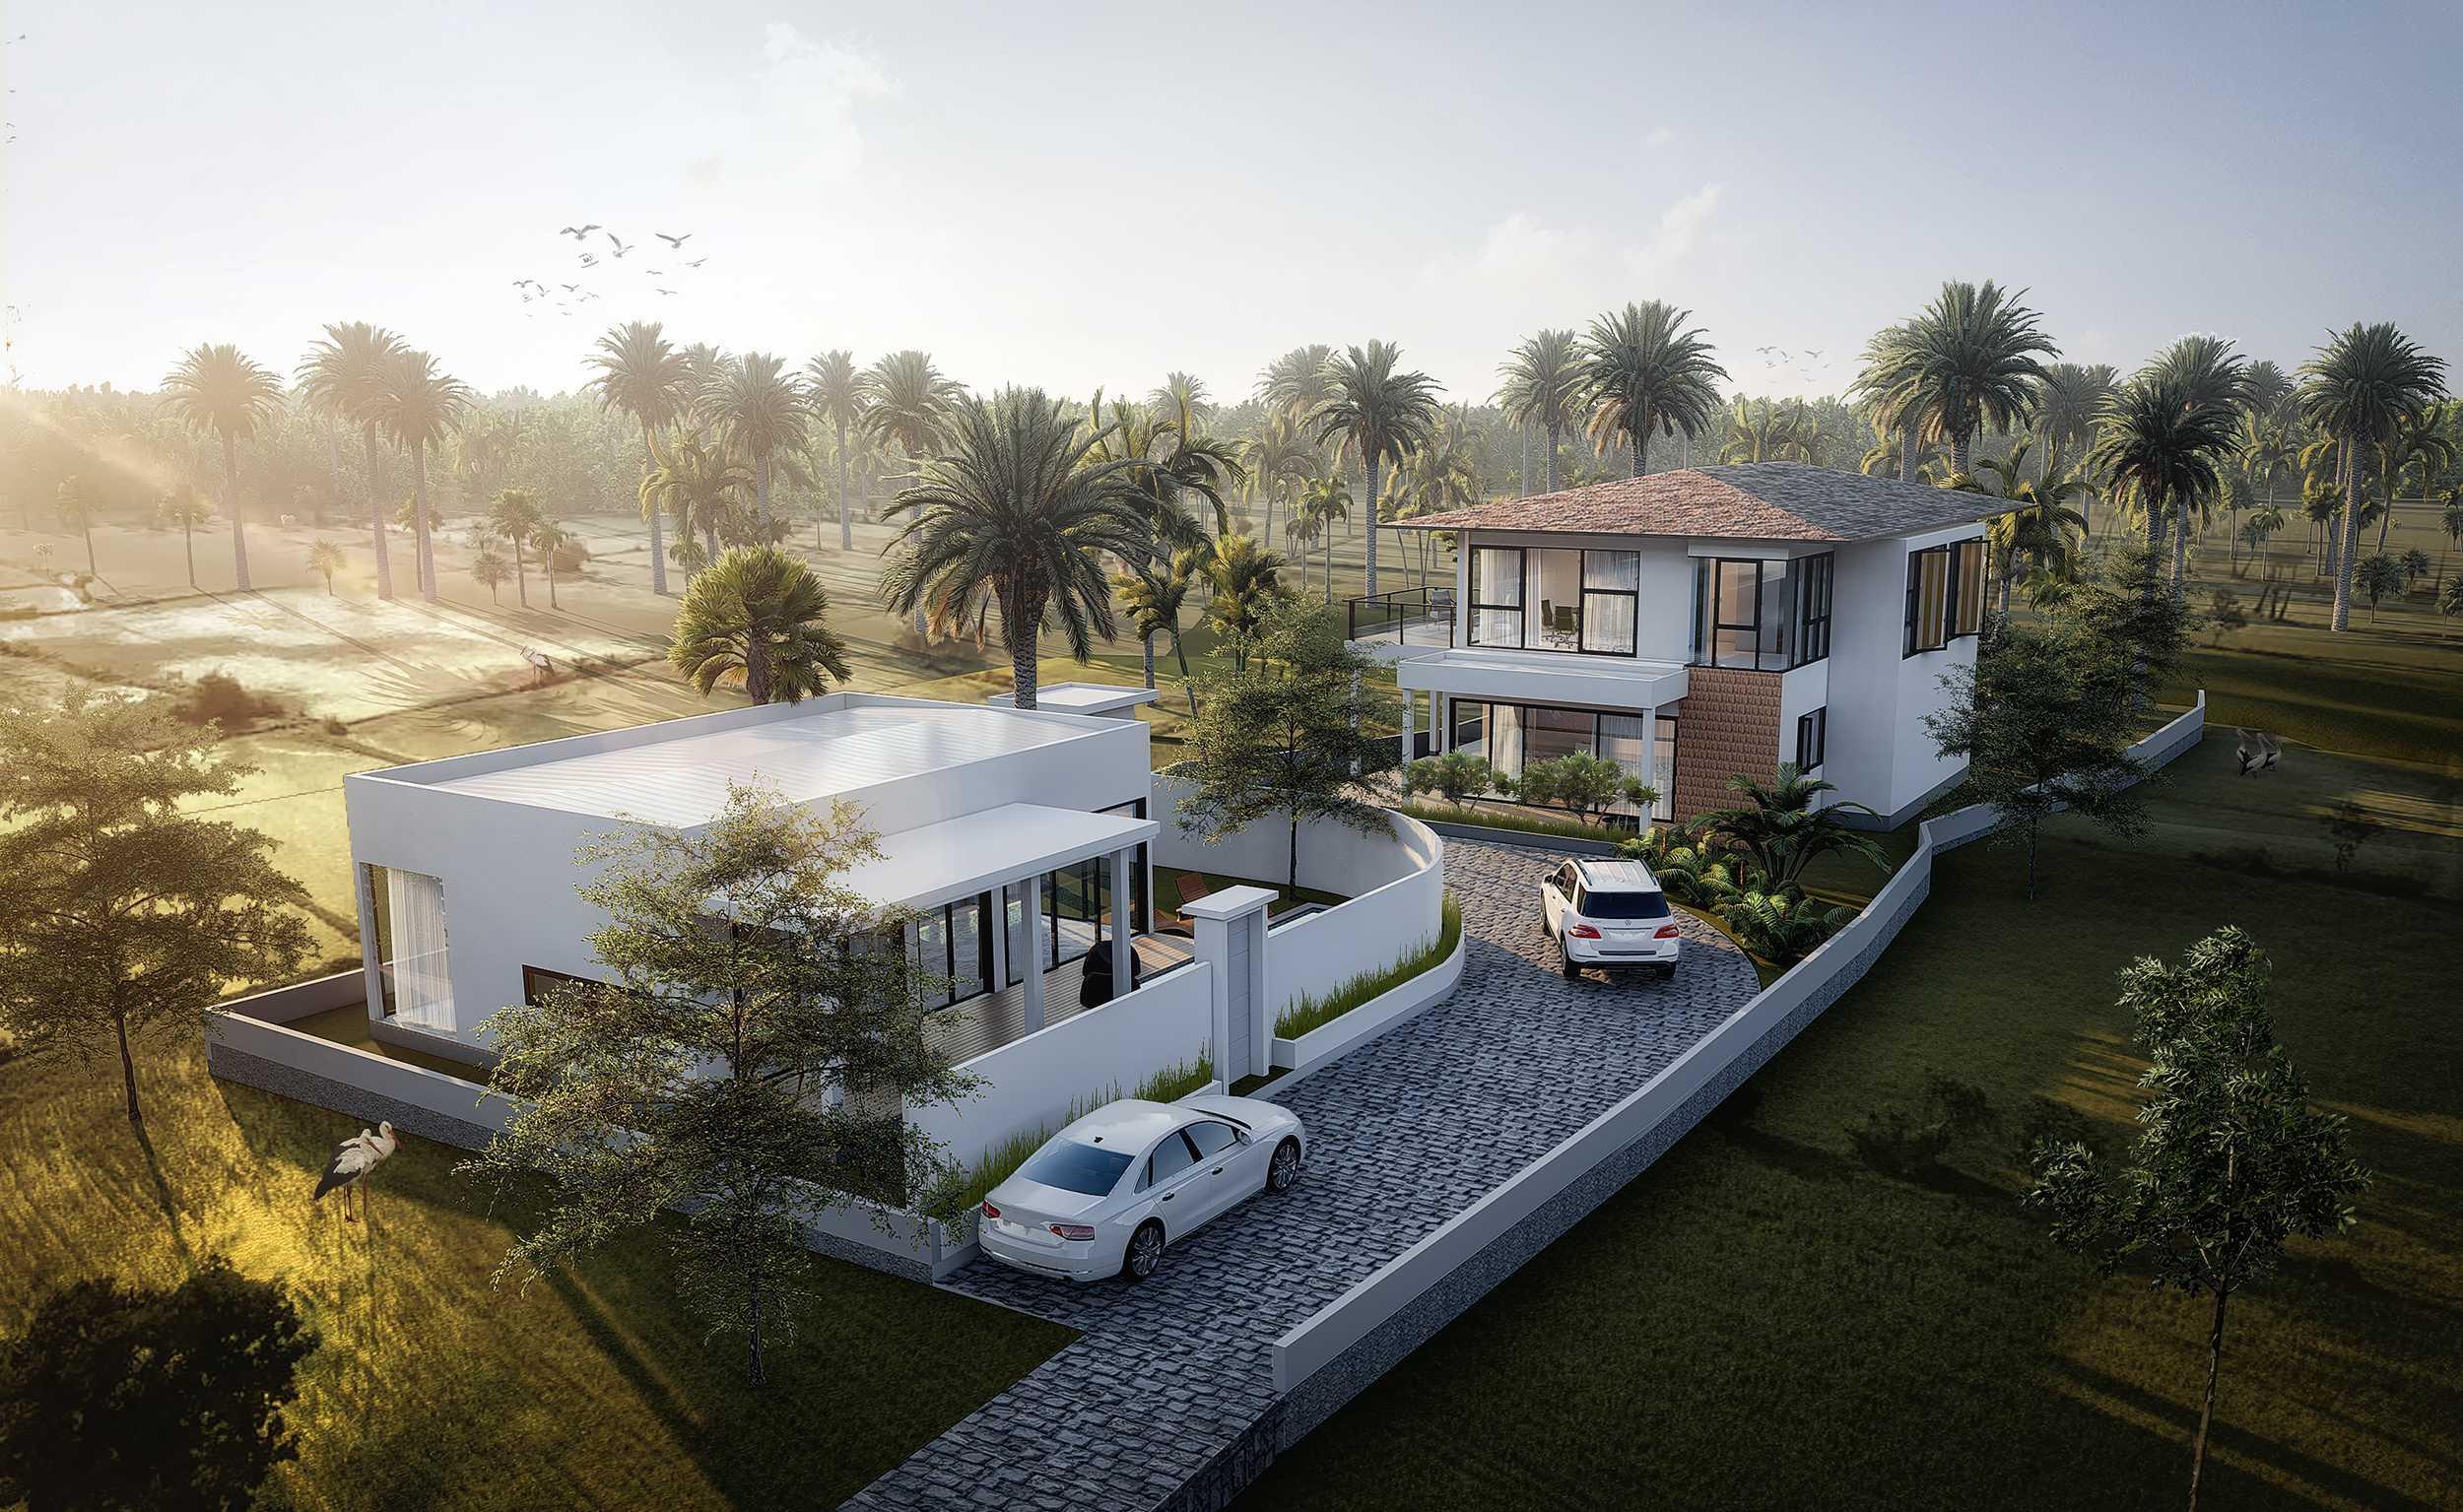 Studio Lumbung Architects Villa Poetih Pejeng, Tampaksiring, Kabupaten Gianyar, Bali, Indonesia Pejeng, Tampaksiring, Kabupaten Gianyar, Bali, Indonesia Studio-Lumbung-Architects-Villa-Poetih   78851